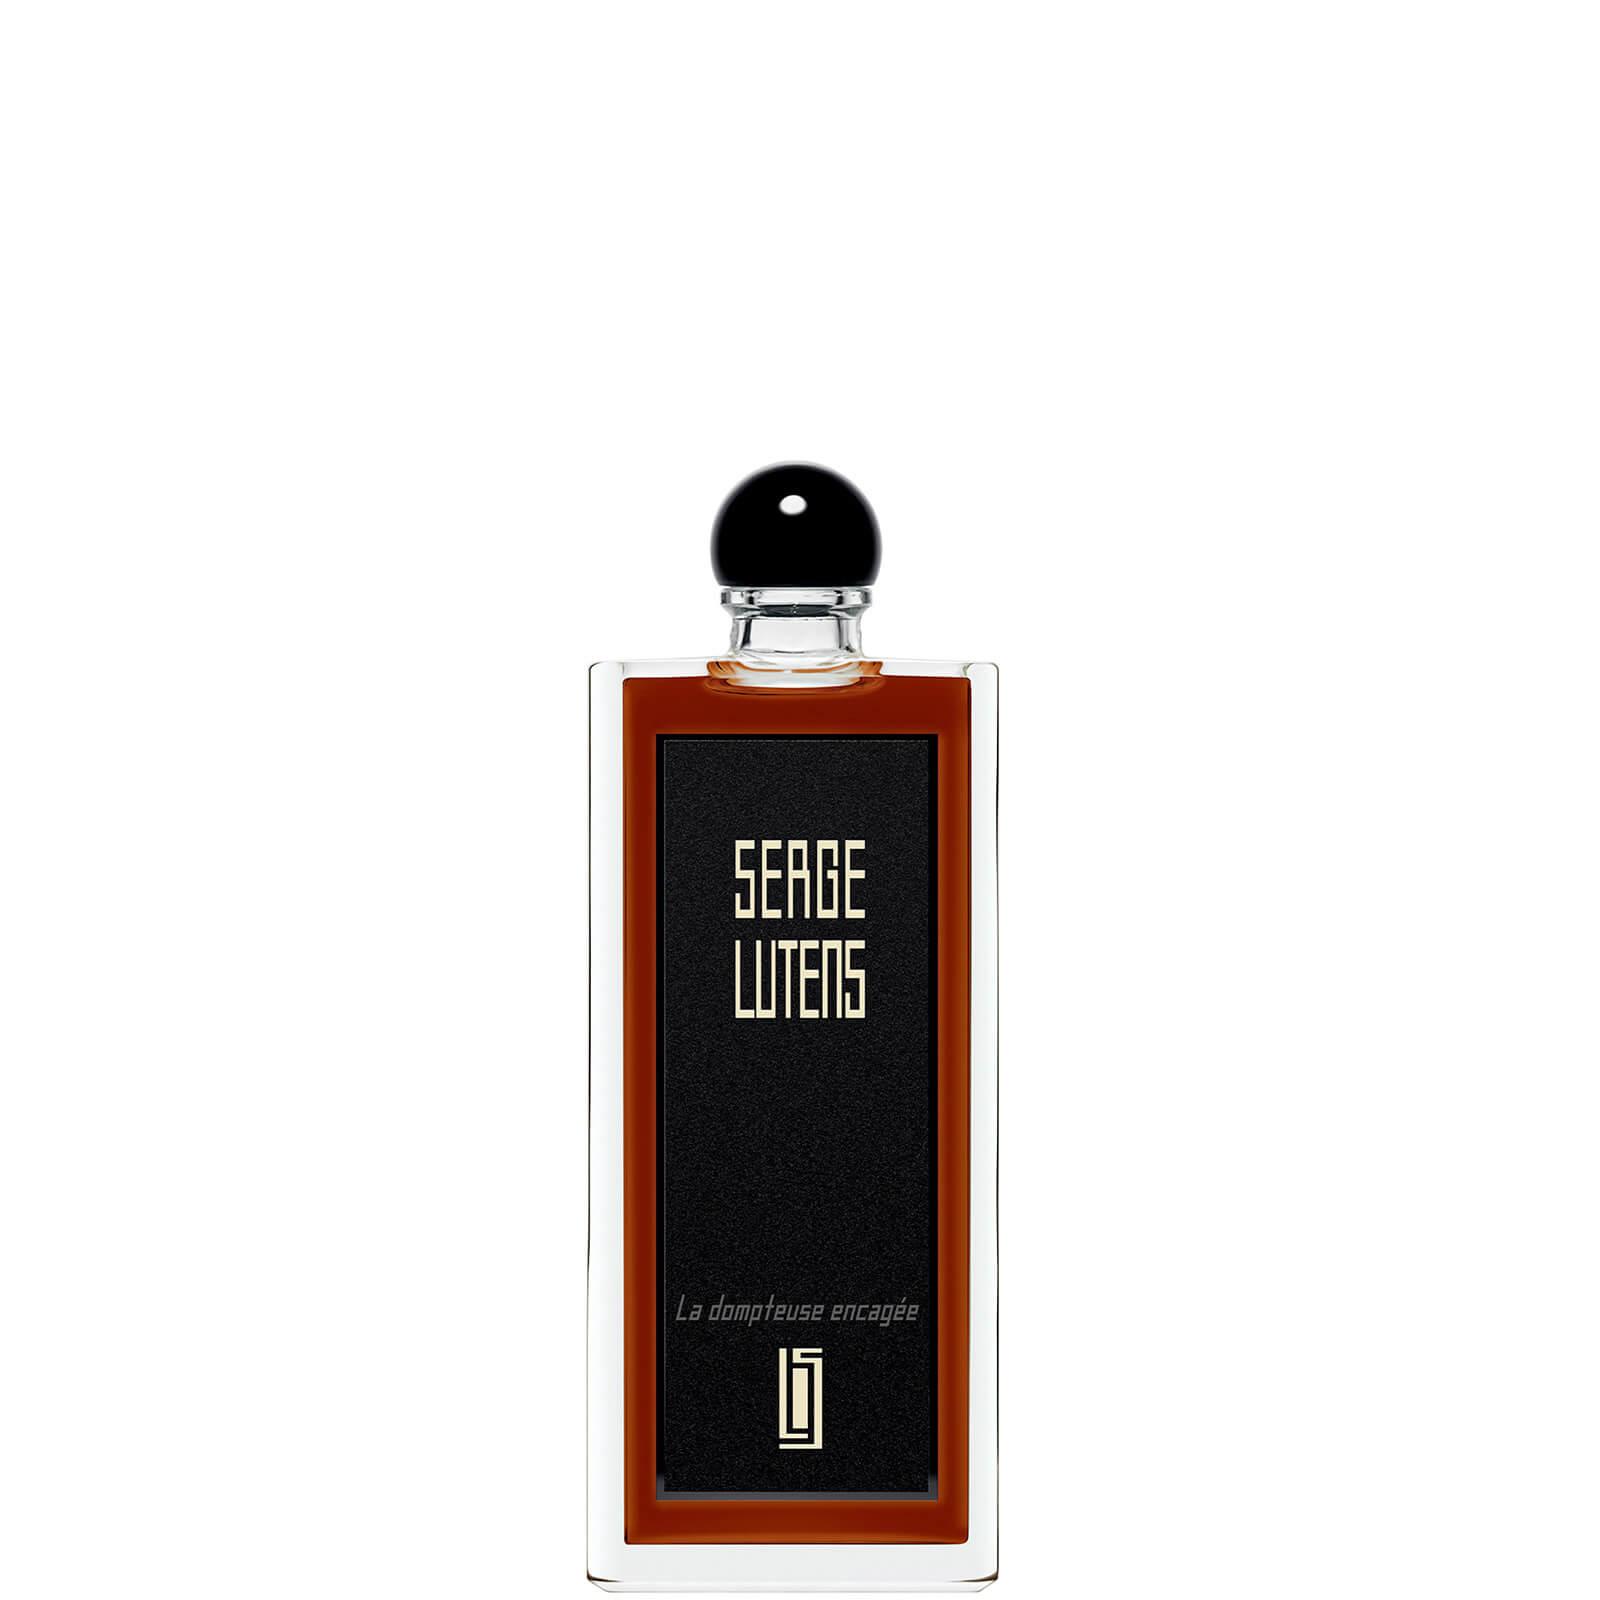 Serge Lutens La Dompteuse Encagee Eau de Parfum (Various Sizes) - 50ML